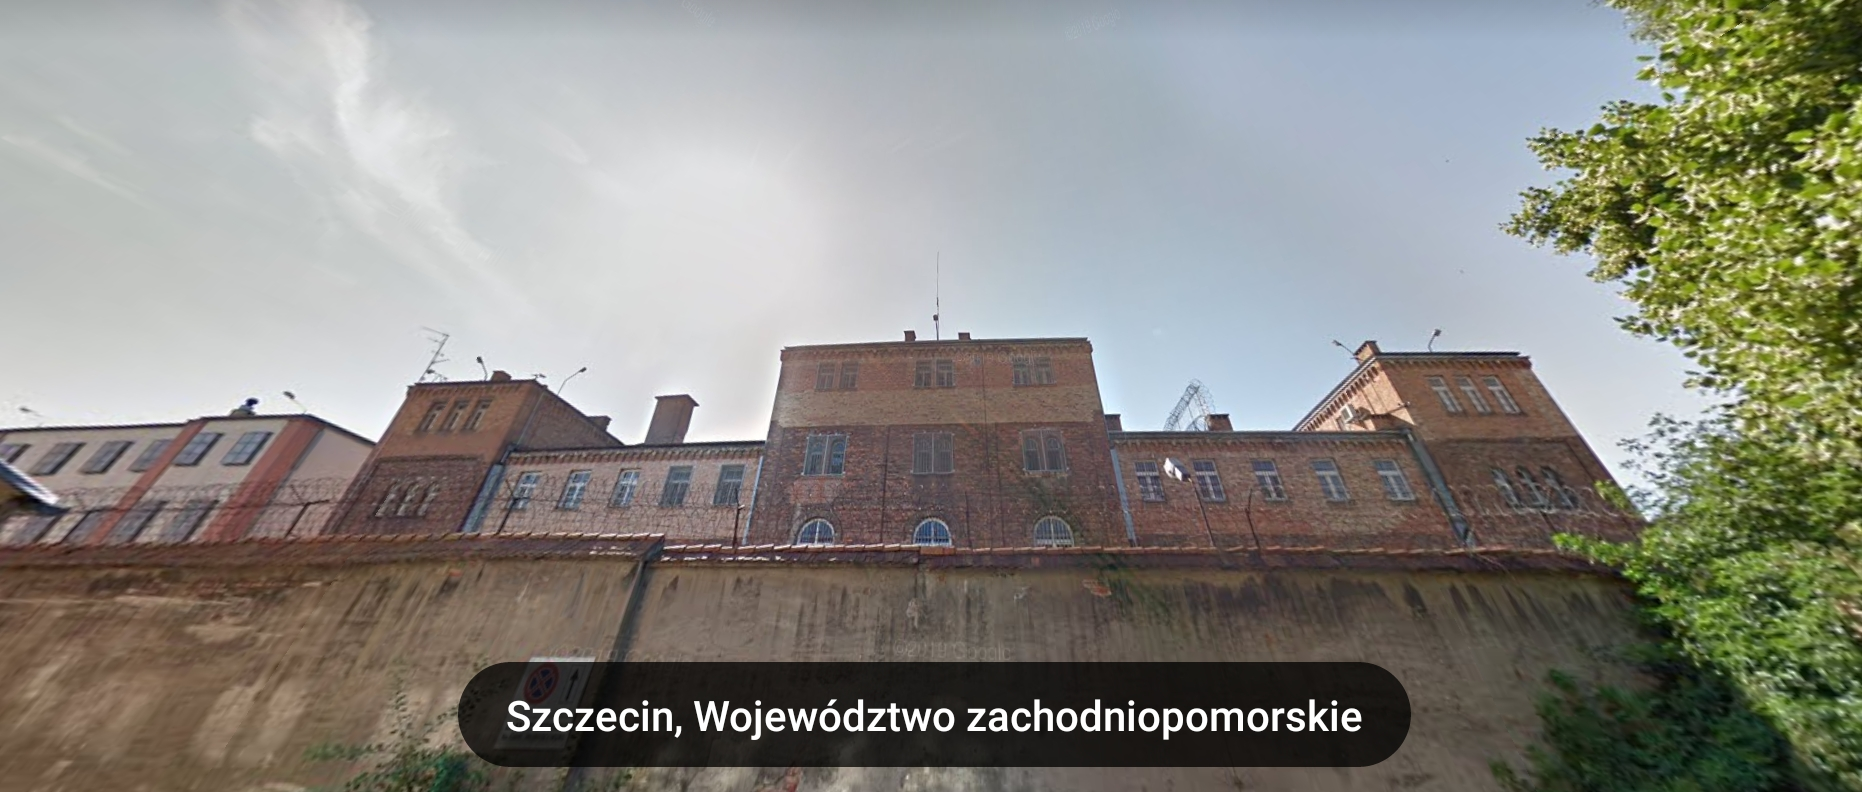 Dwa przypadki koronawirusa w szczecińskim areszcie. Dramatyczny apel o pomoc zza krat. Władze to ukrywają!